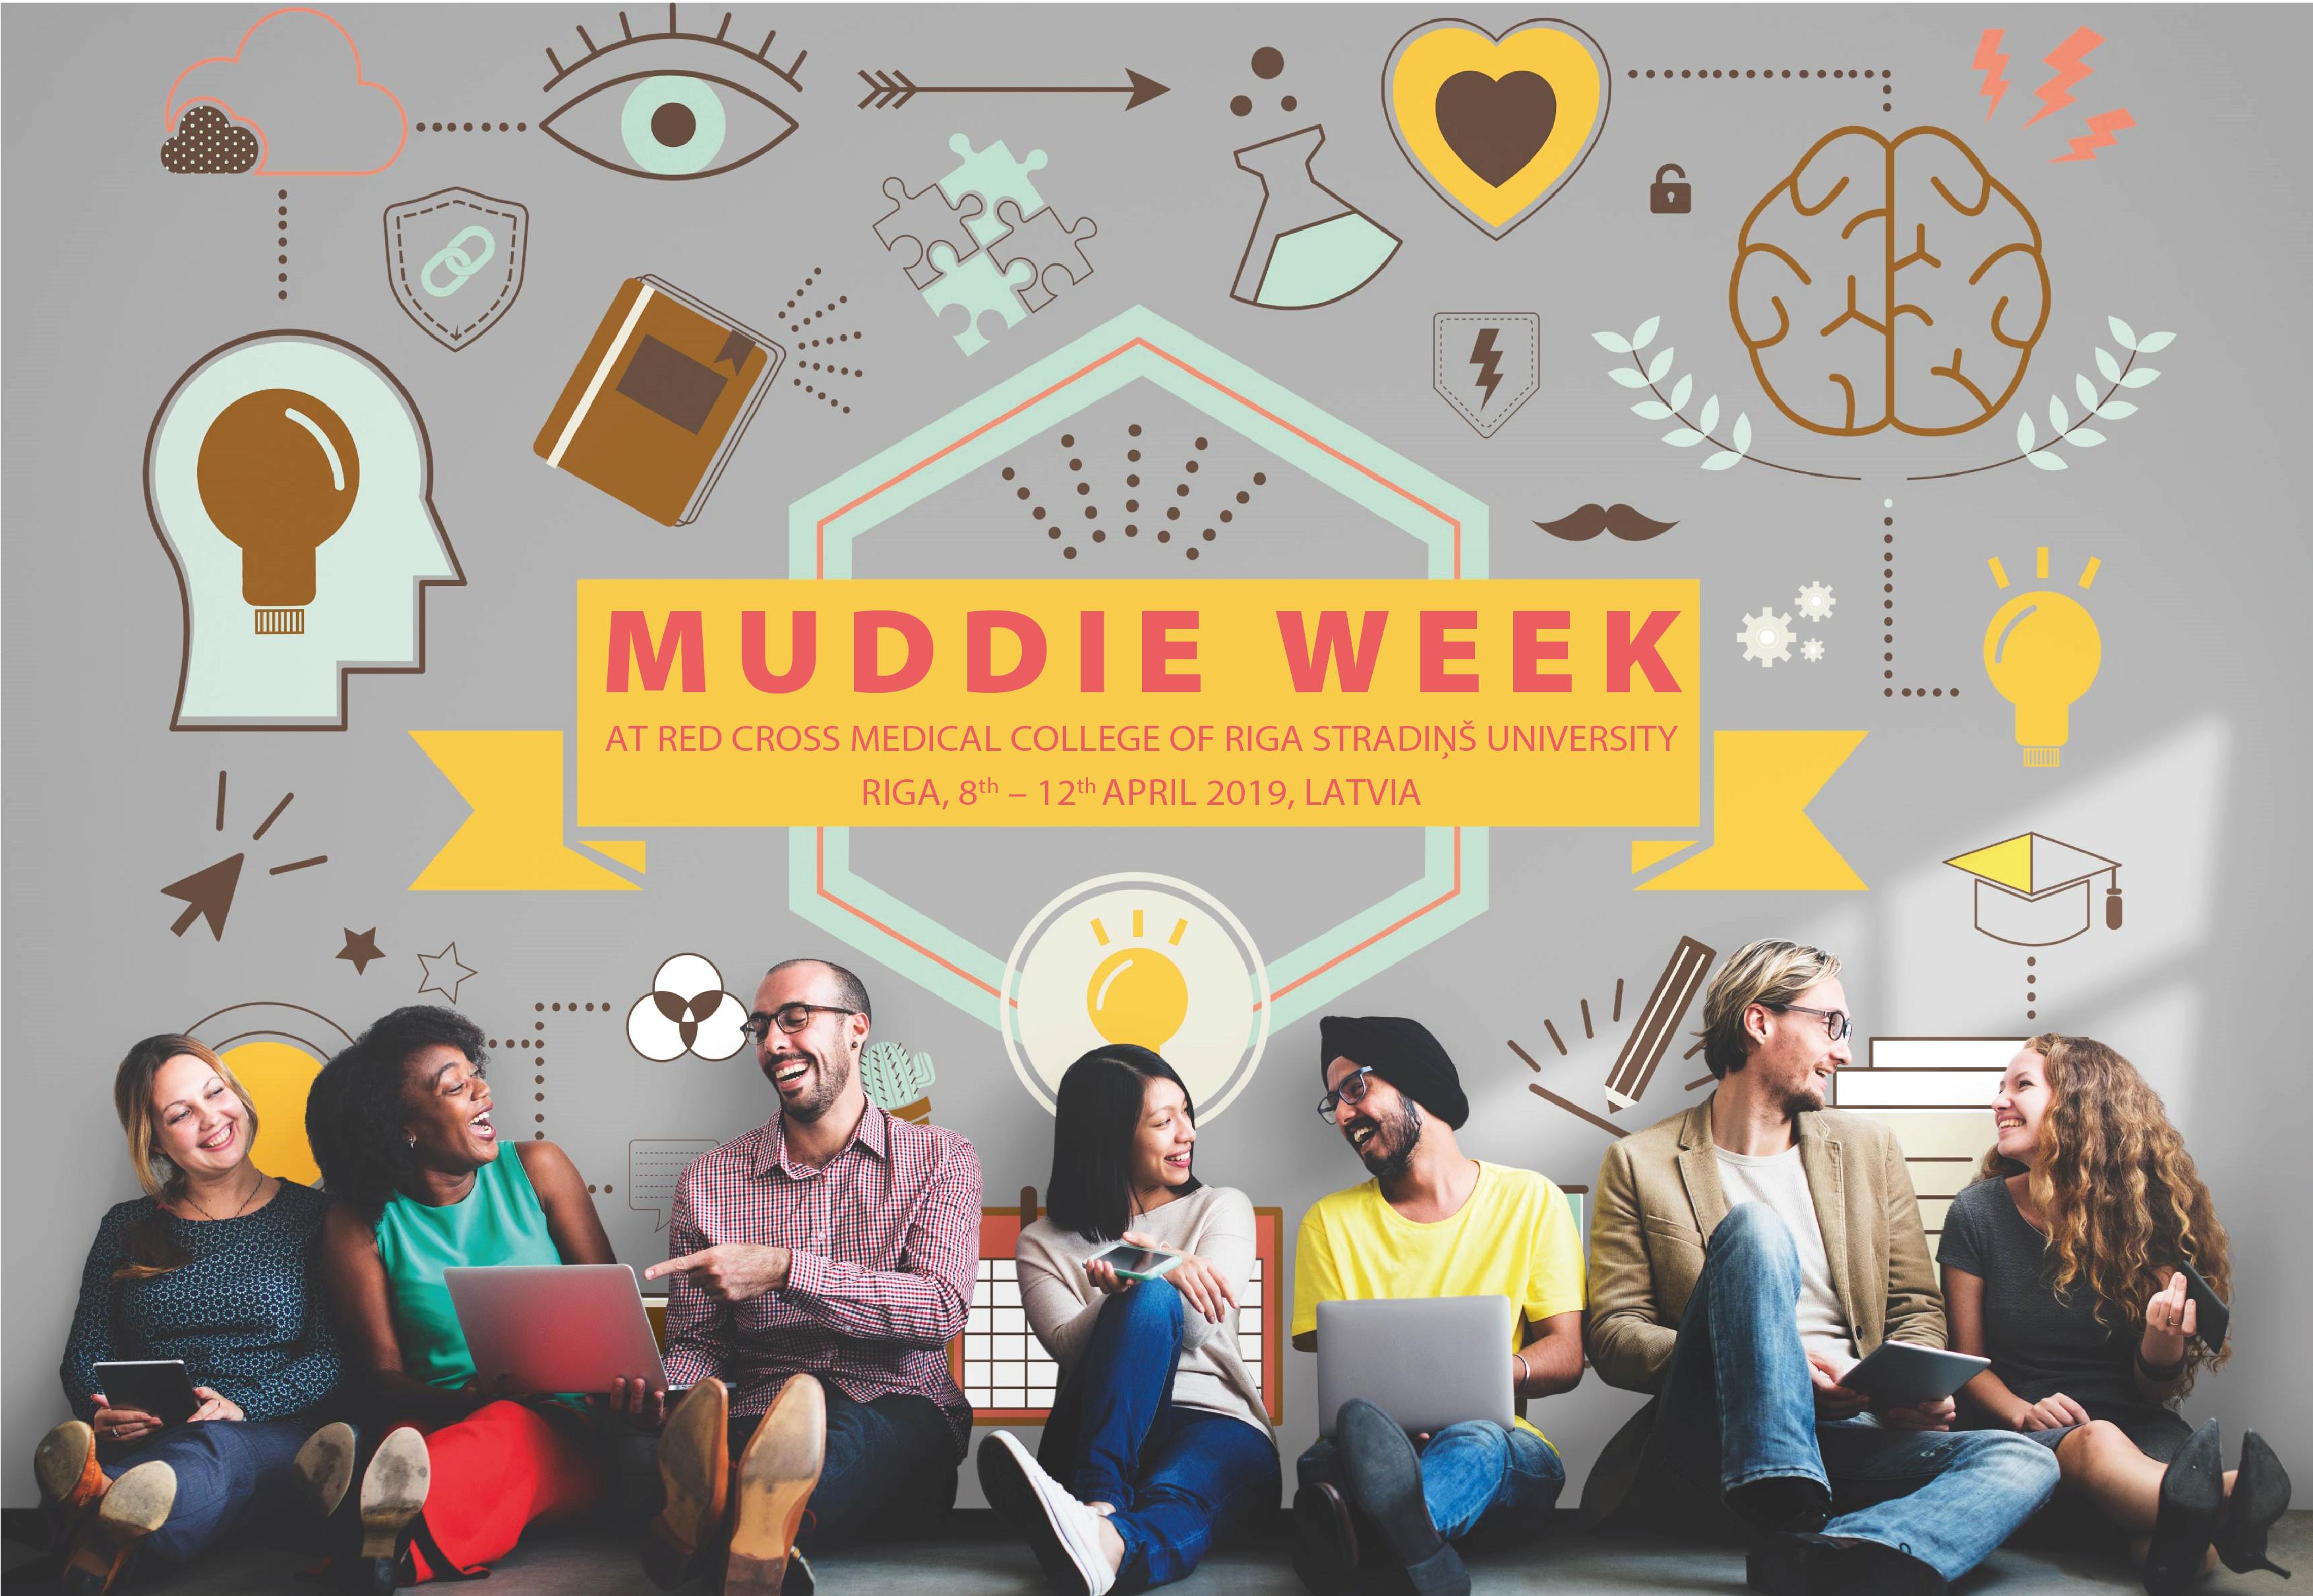 Muddie_week-01